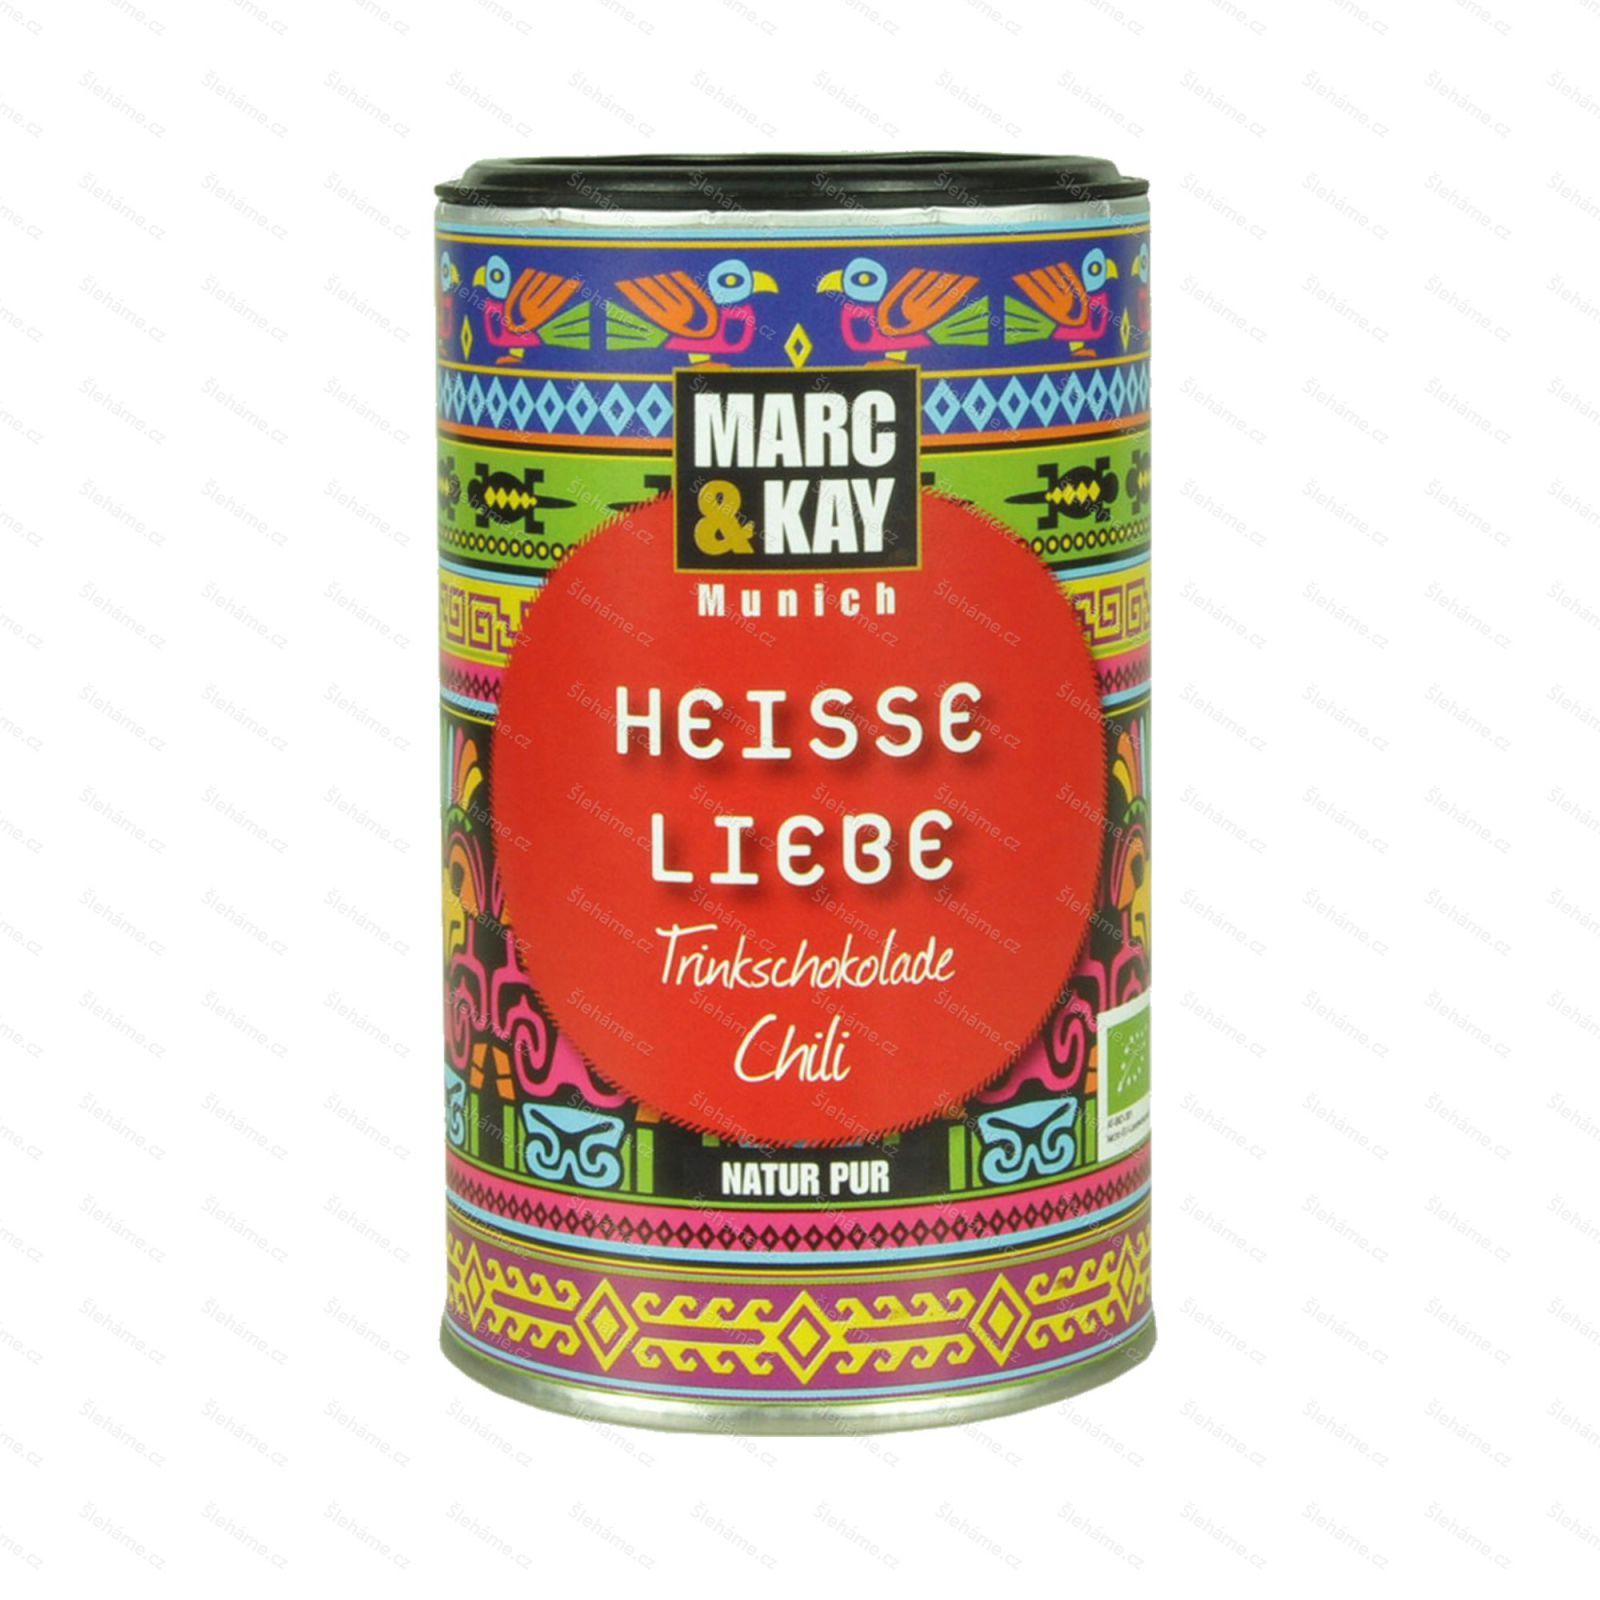 BIO Horká čokoláda chili Marc & Kay, 250 g